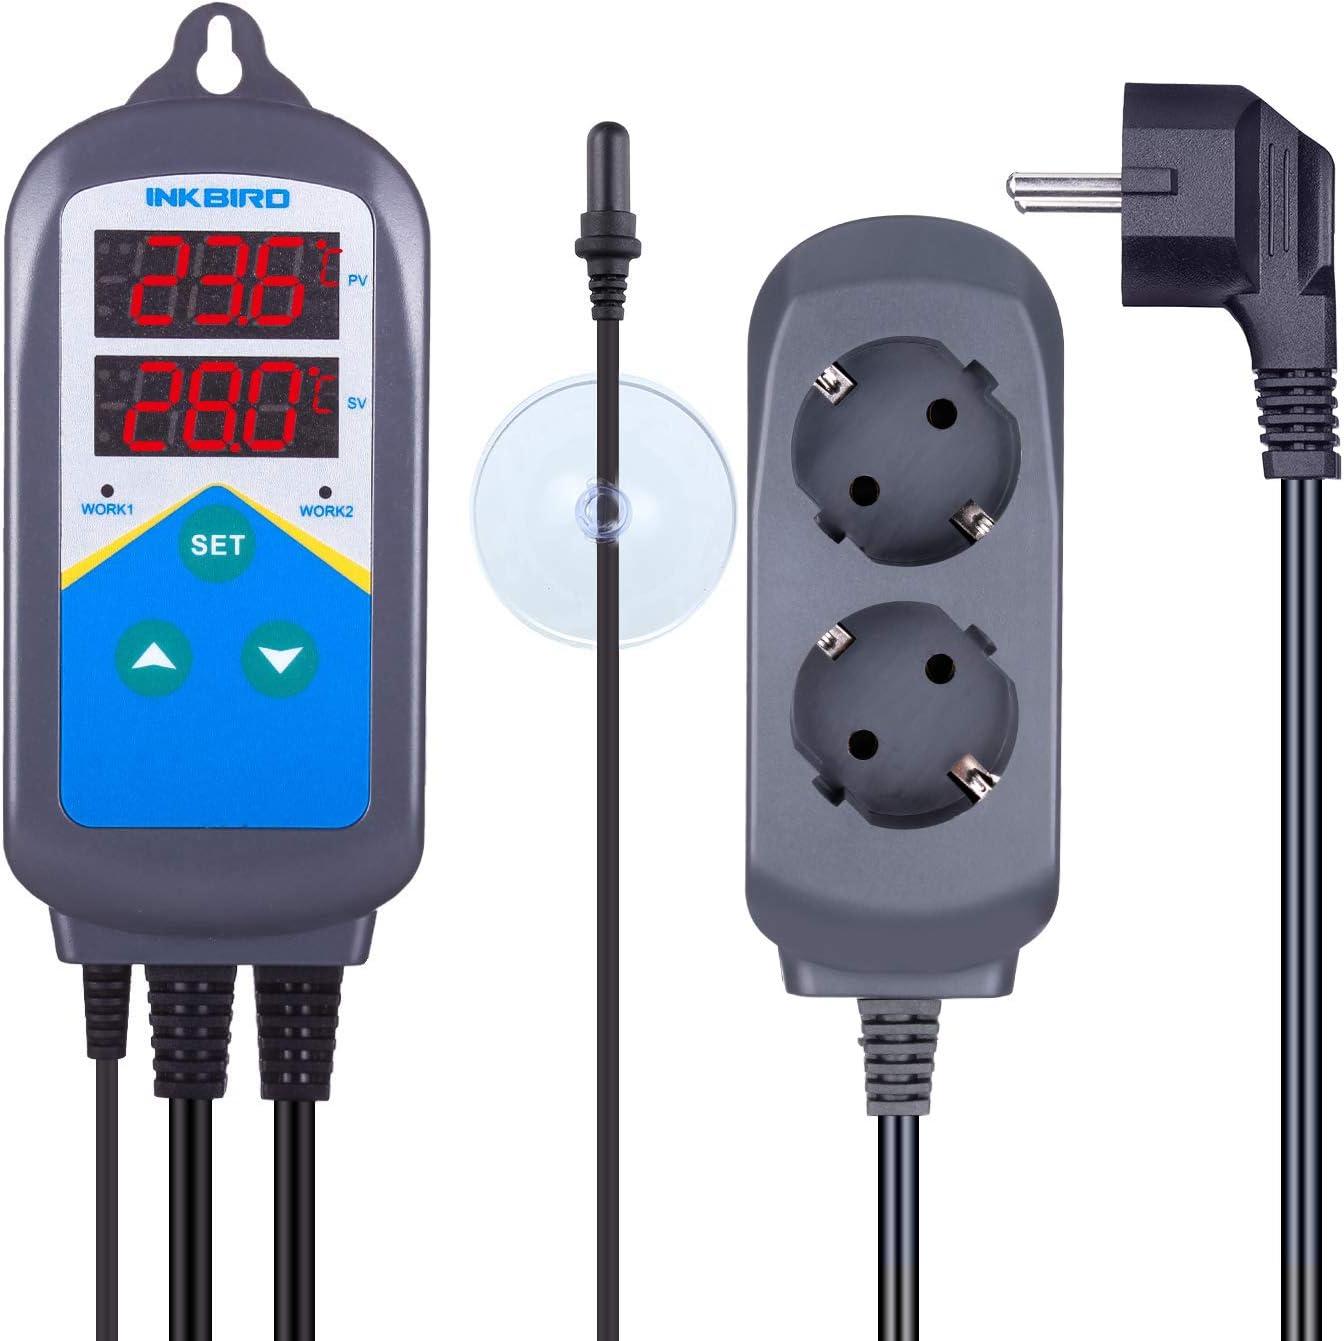 Inkbird ITC-306T Termostato Digital Control de Temperaturas para ...